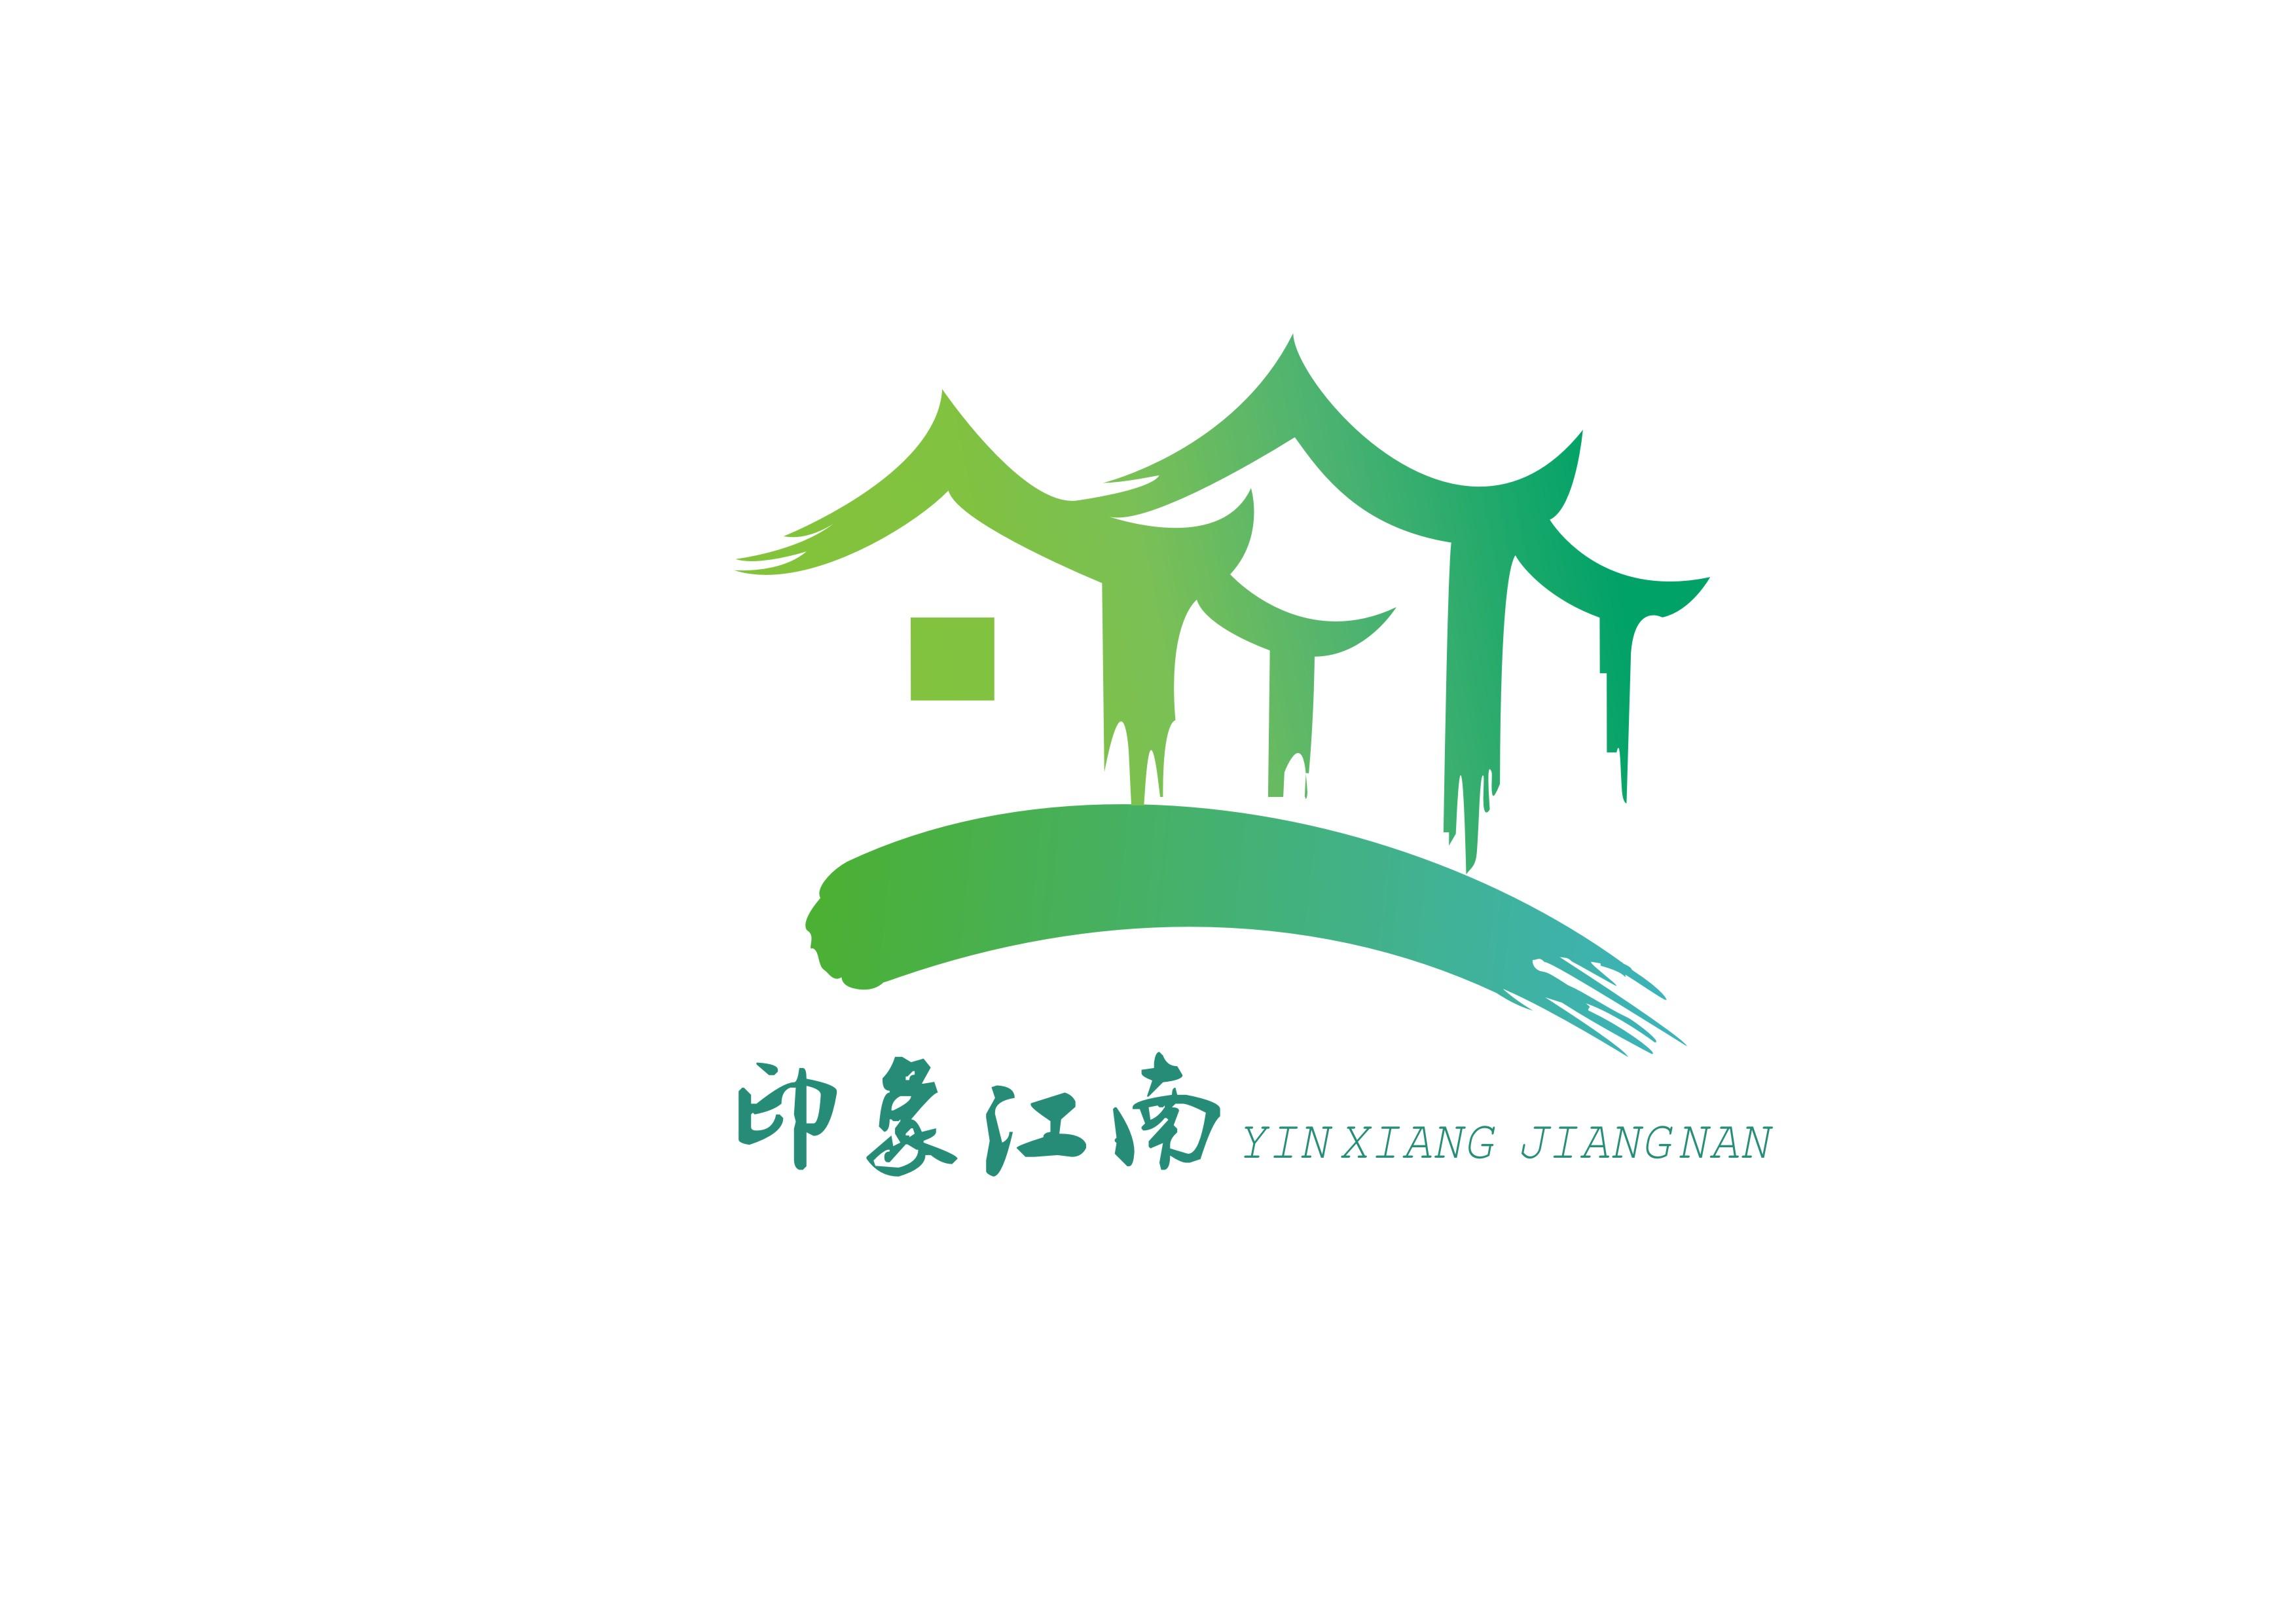 标志,旅游标志,江南旅游标志,绿色生态logo